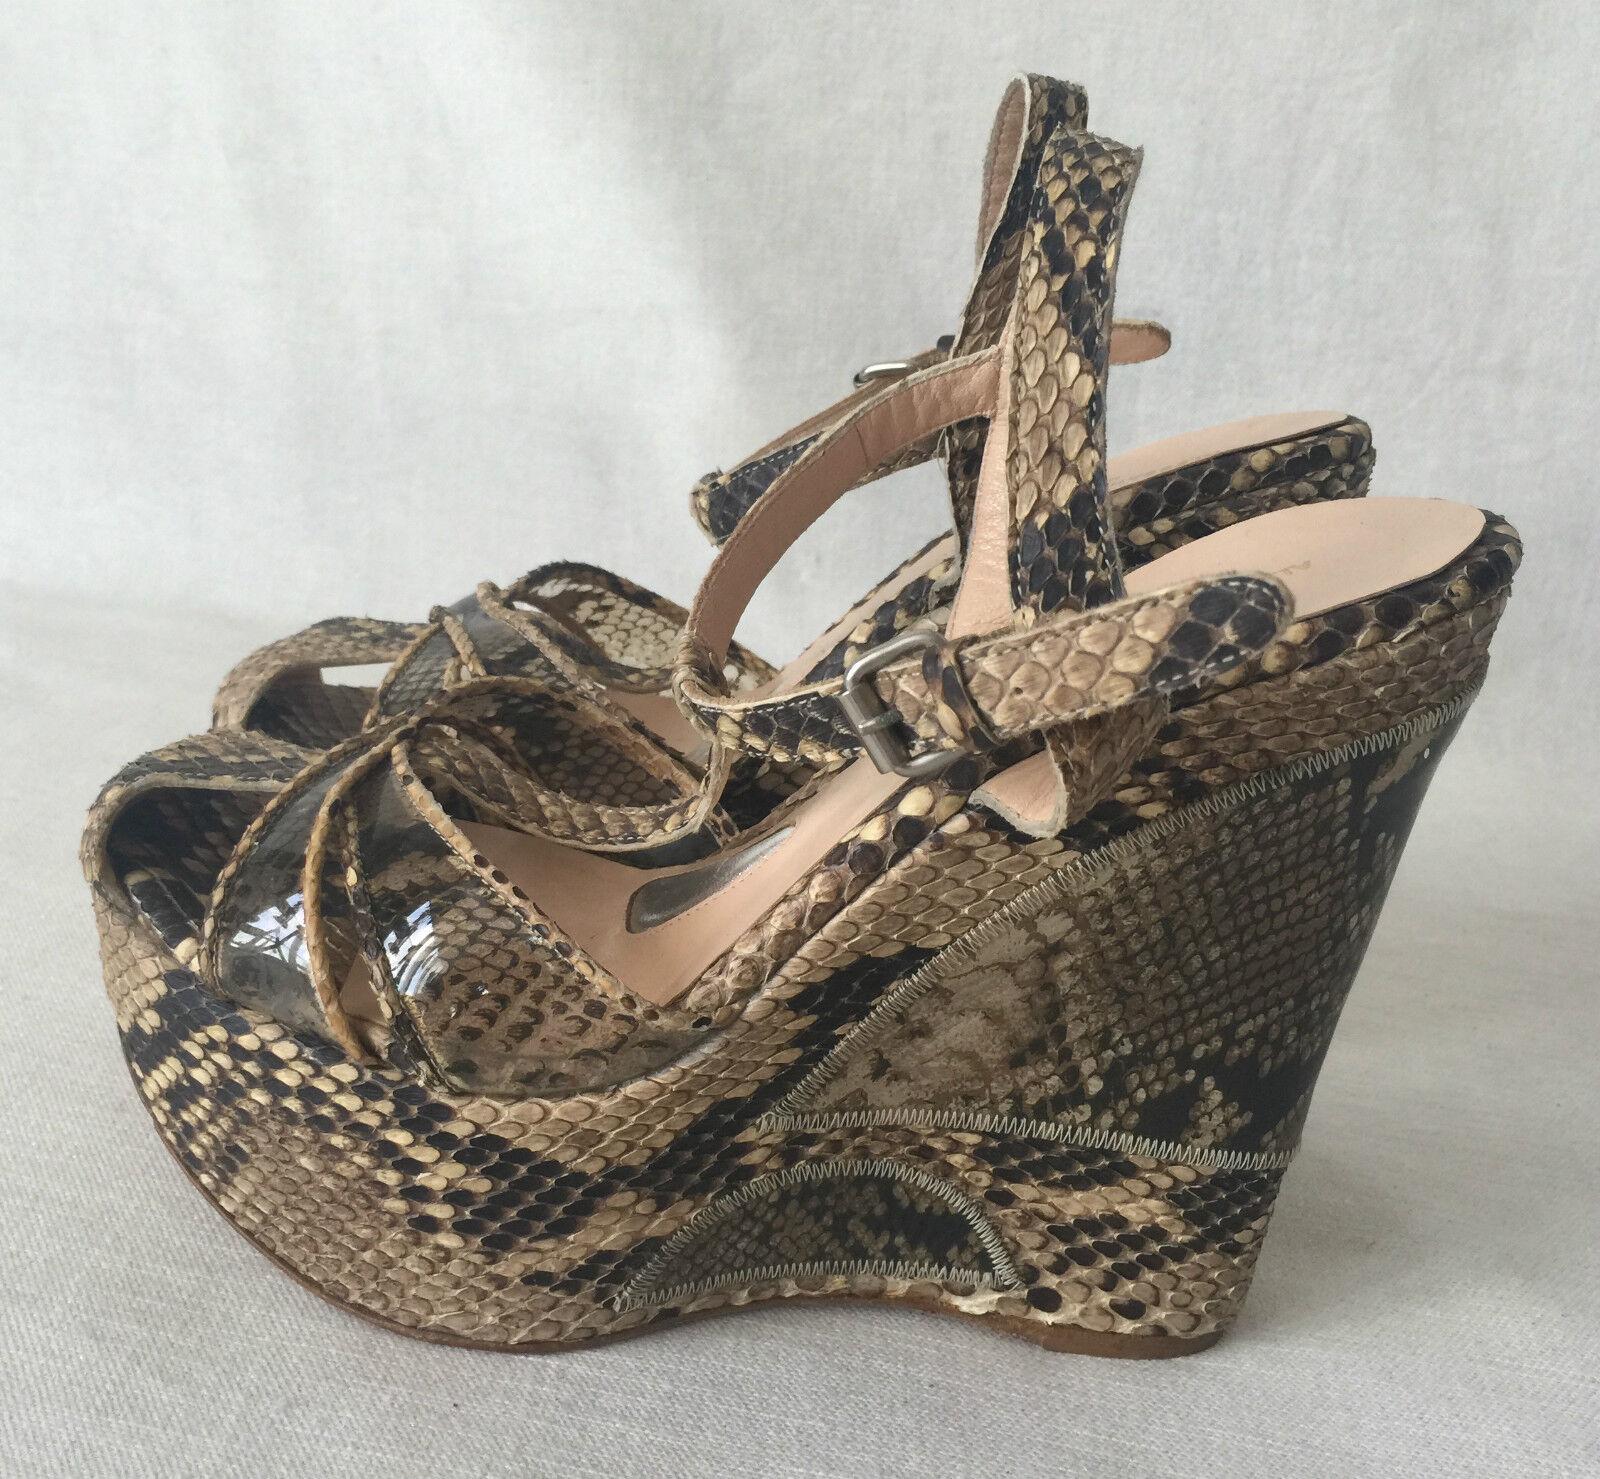 100% nuovo di zecca con qualità originale Alessandro Dell´acqua Snakeskin Snakeskin Snakeskin Artwork Wedge Unique Sandals. Dimensione 40. 9  forma unica